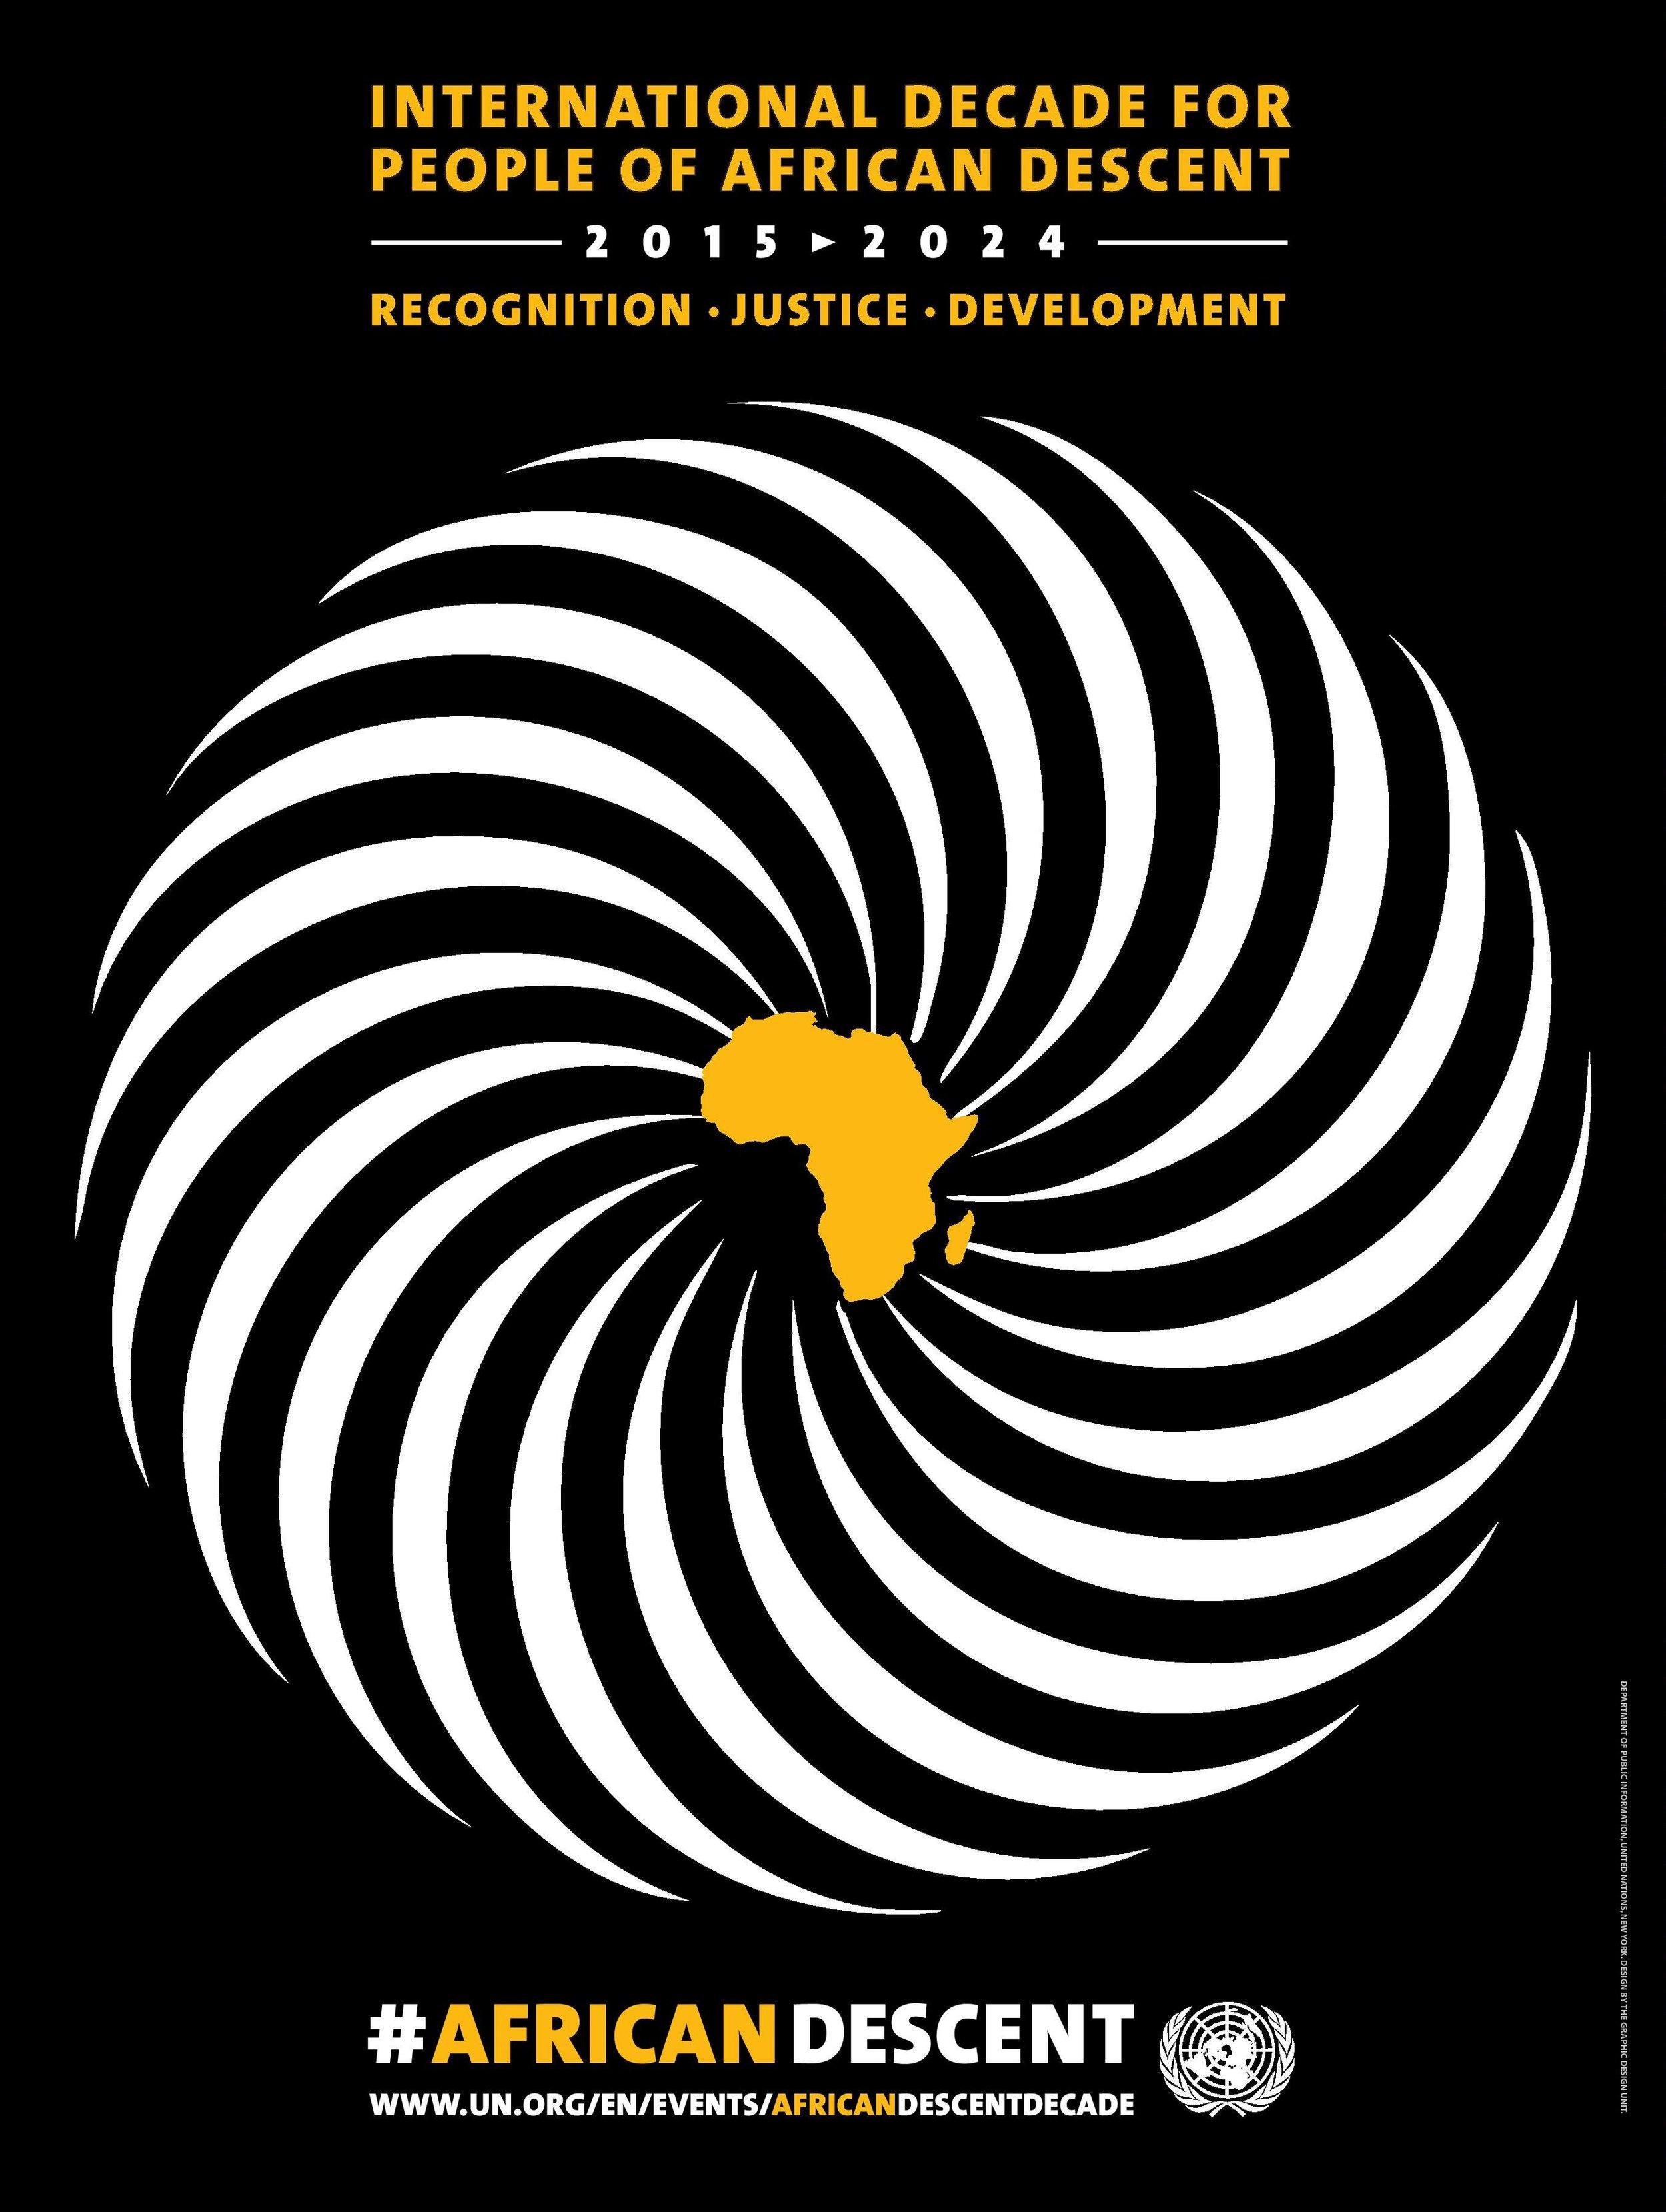 UN_AfricanDescent_posterEN.jpg